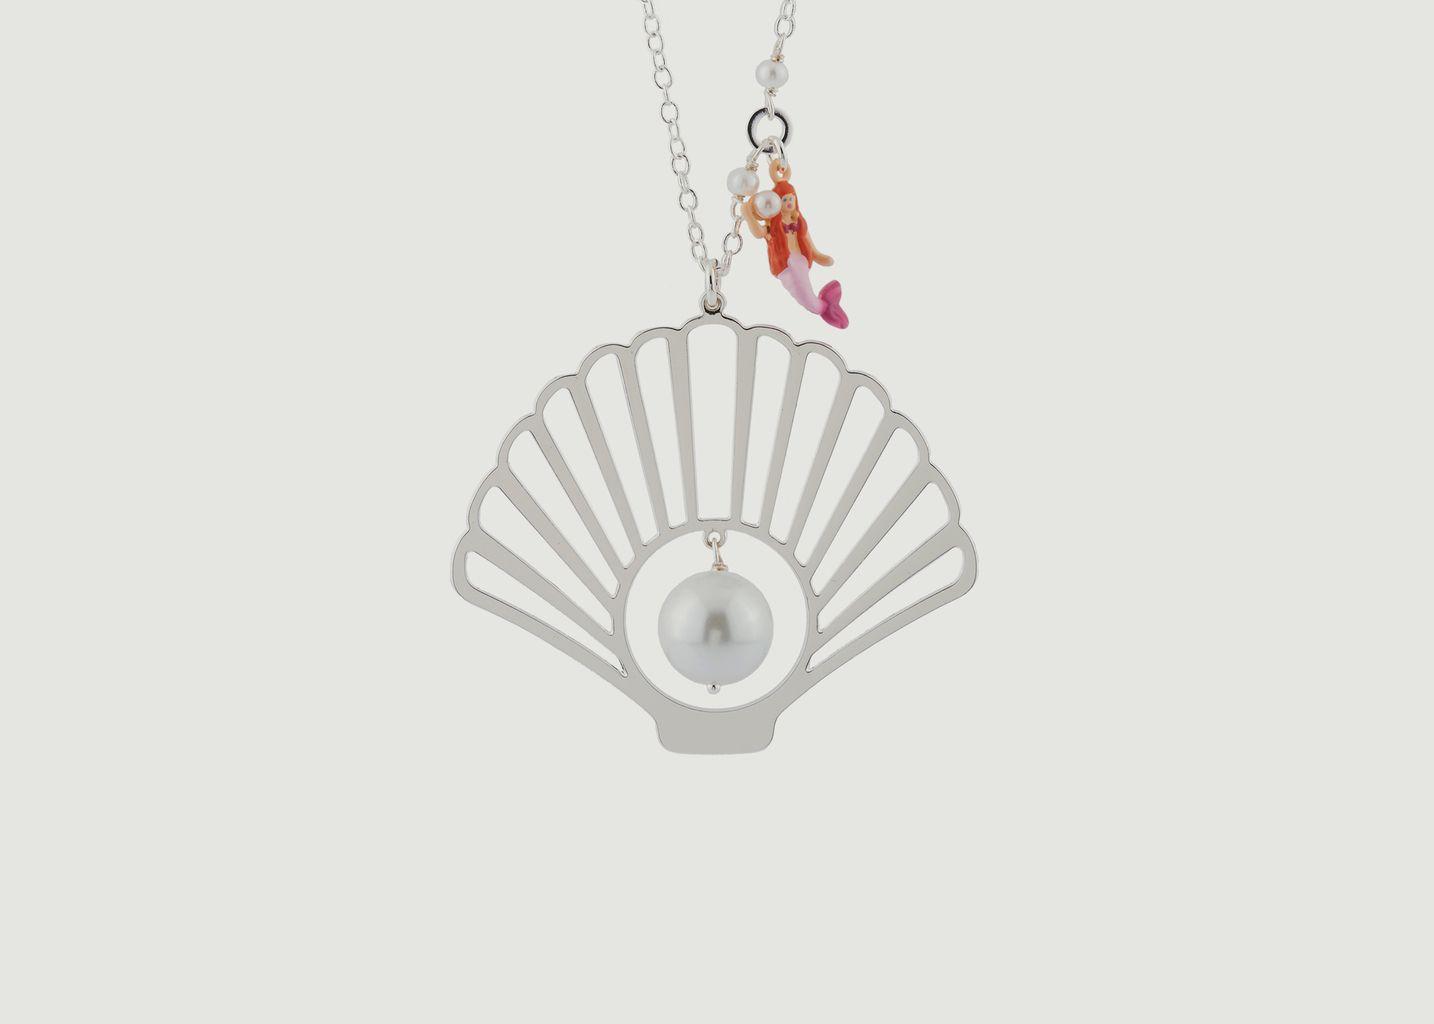 Sautoir Coquillage Argenté, Perle Et Pampille Petite Sirène  - N2